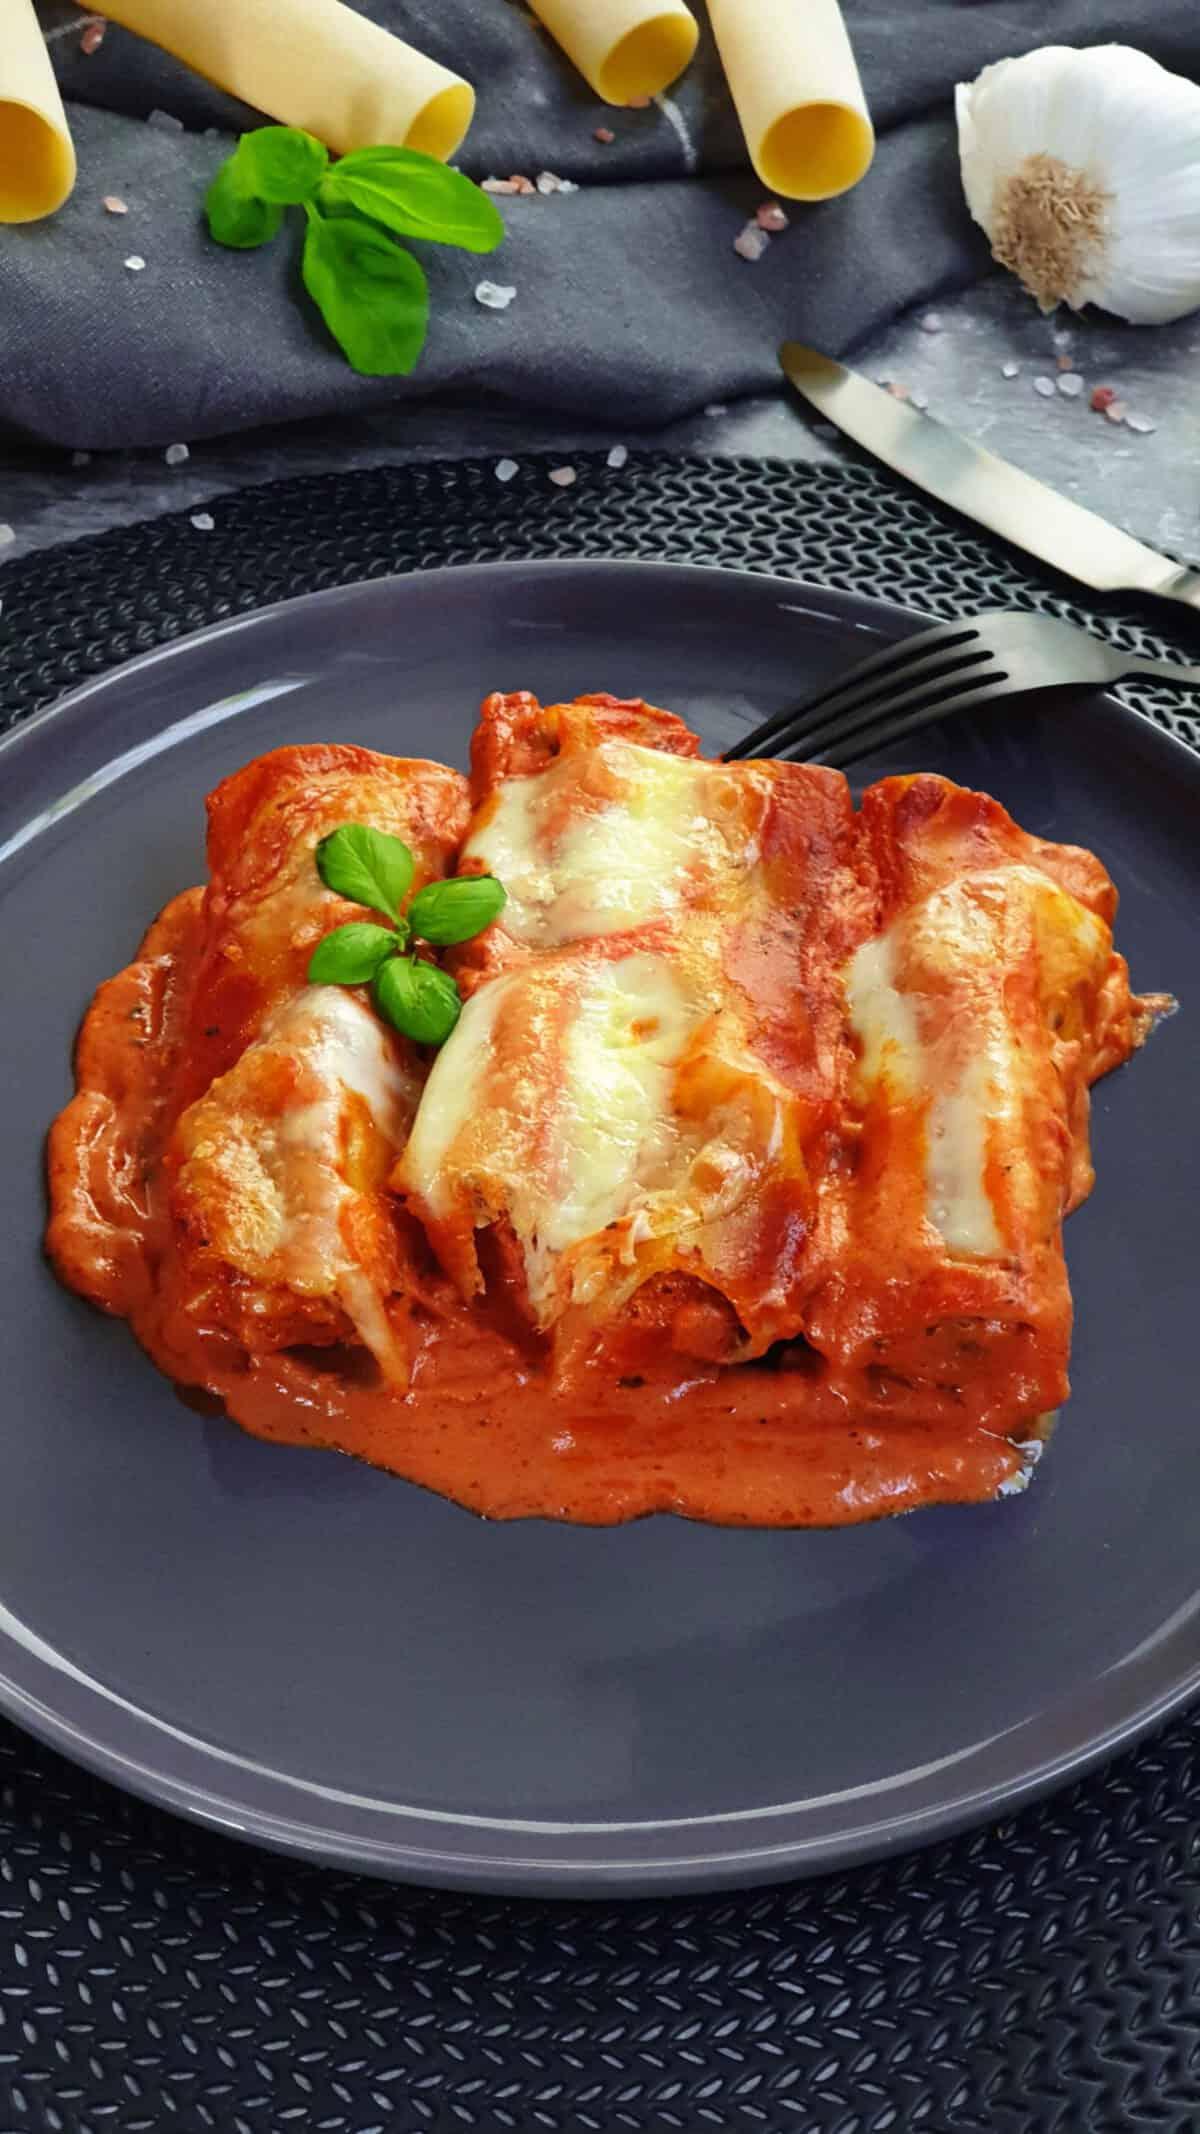 Auf einem grauen Teller gefüllte Cannelloni mit Hackfleisch in Tomatensoße. Im Hintergrund Deko.